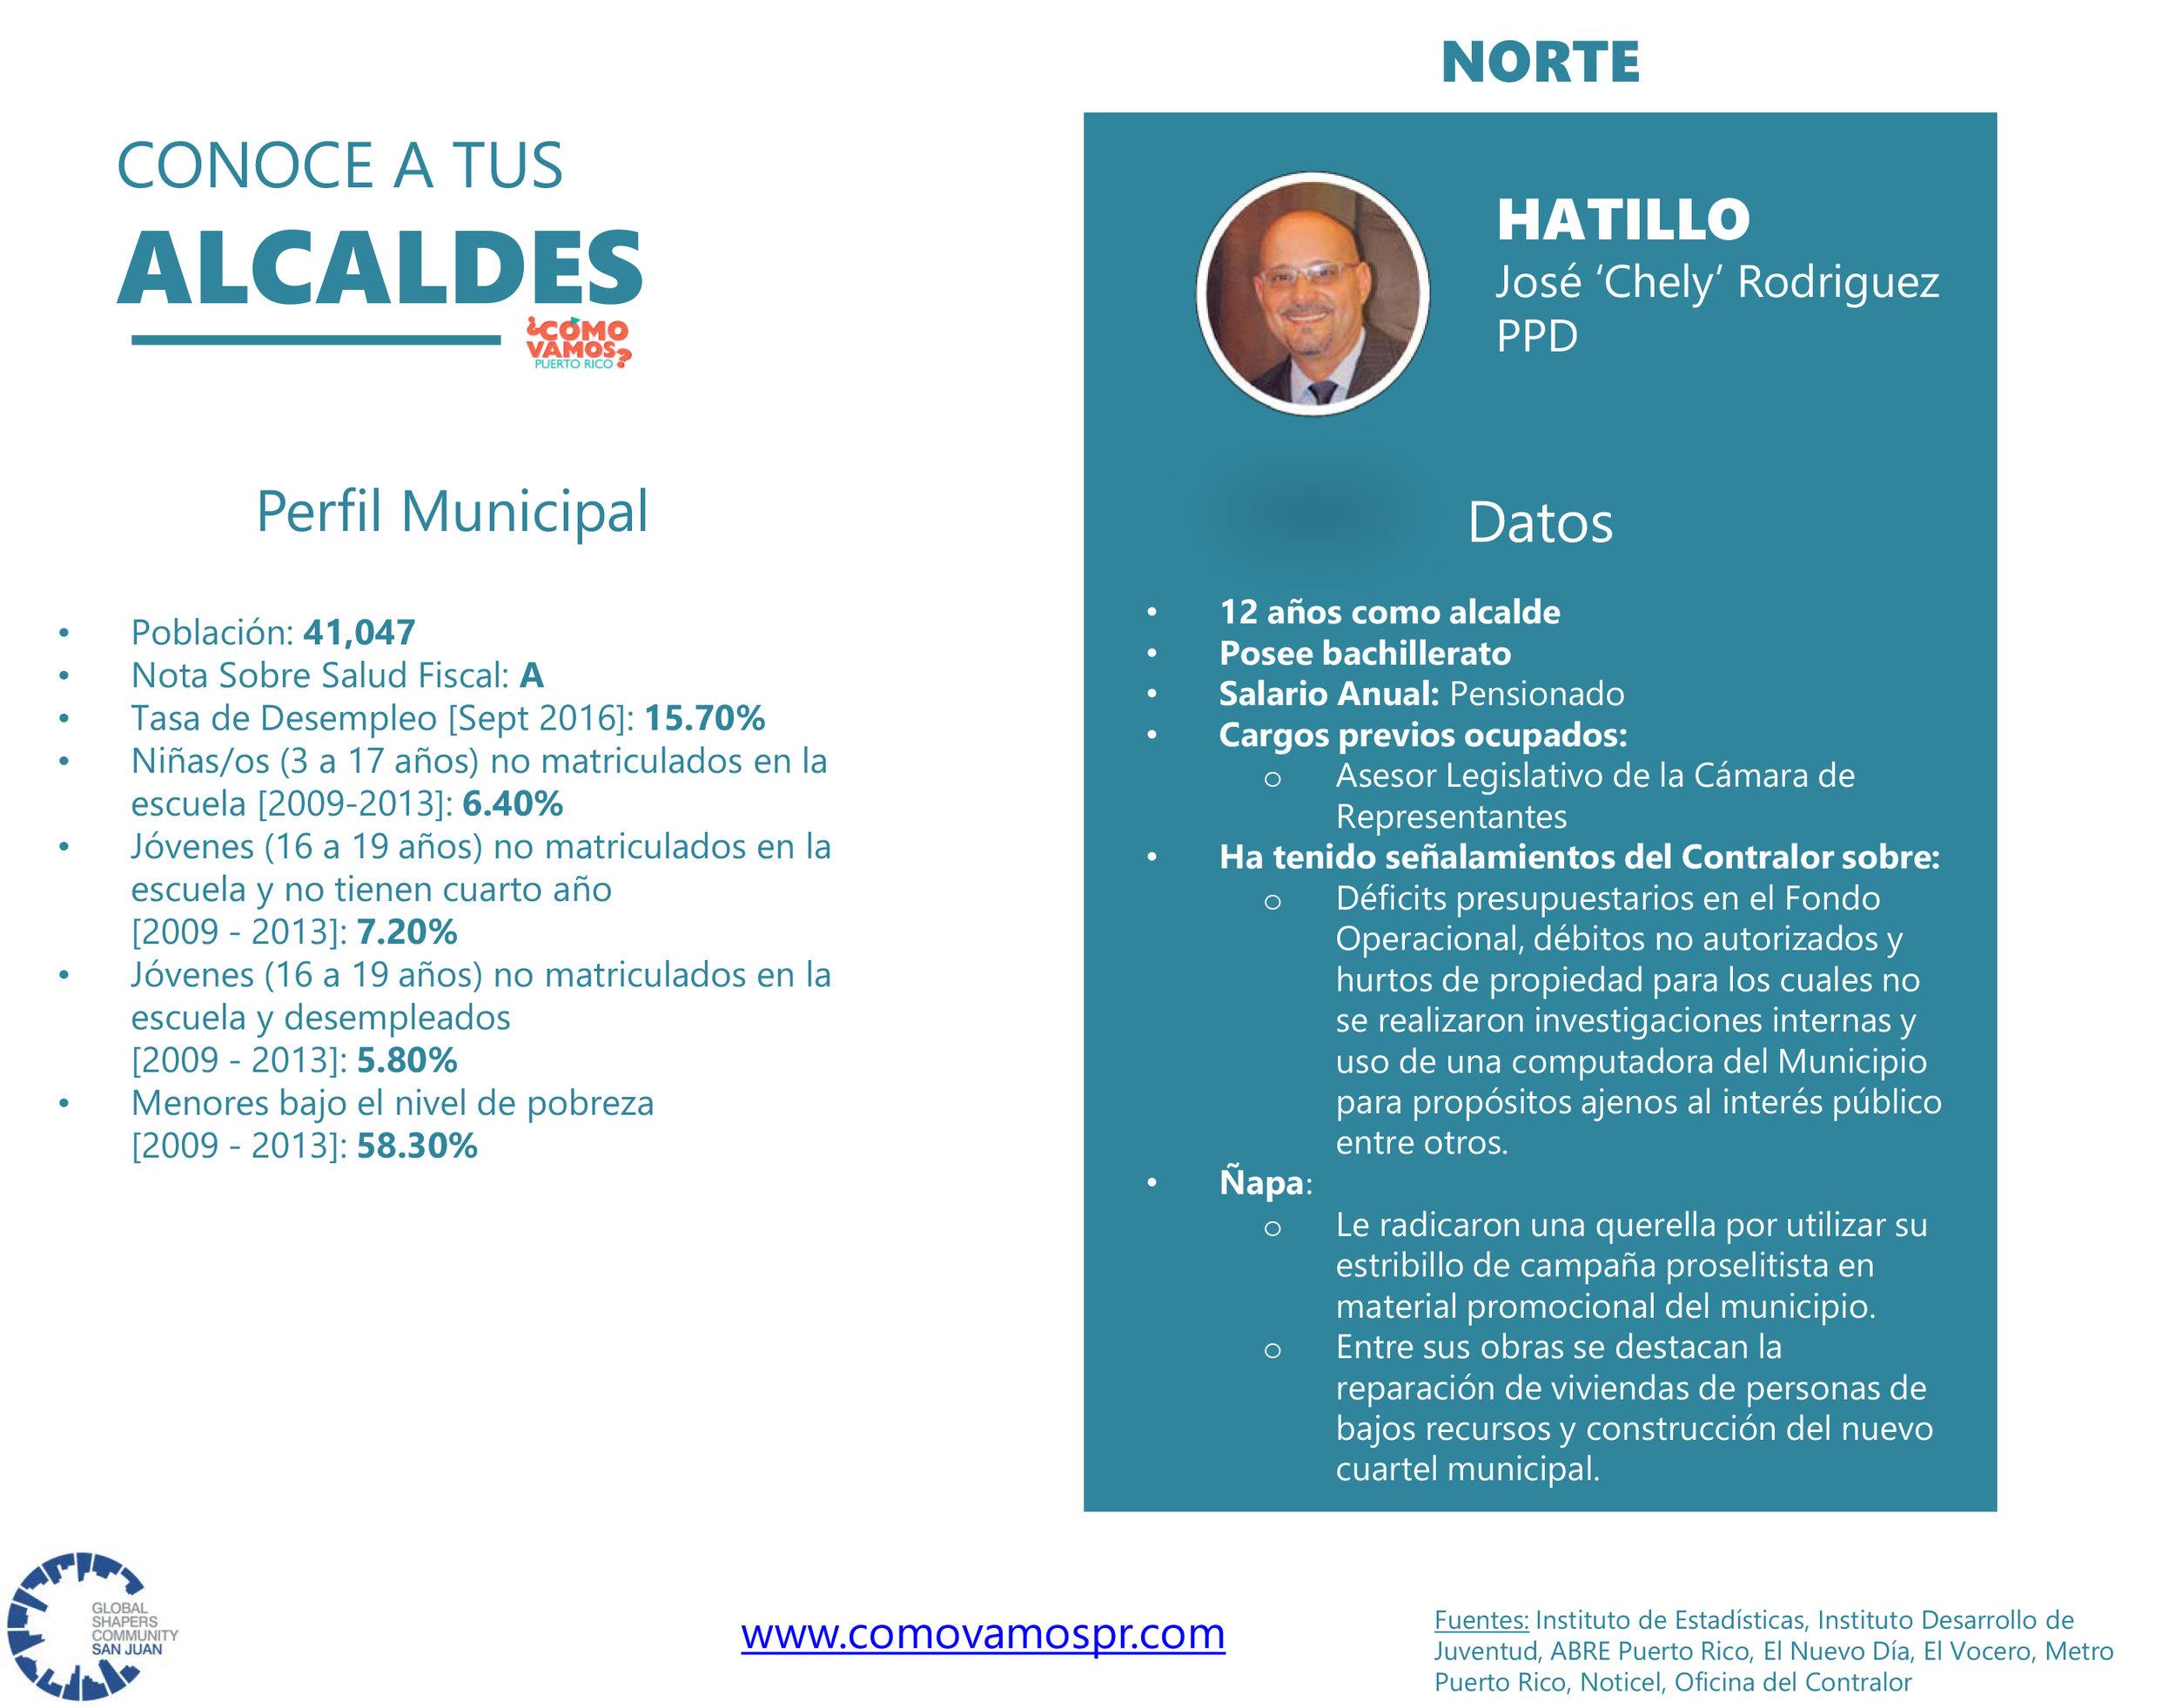 Alcaldes_Norte_Hatillo.jpg